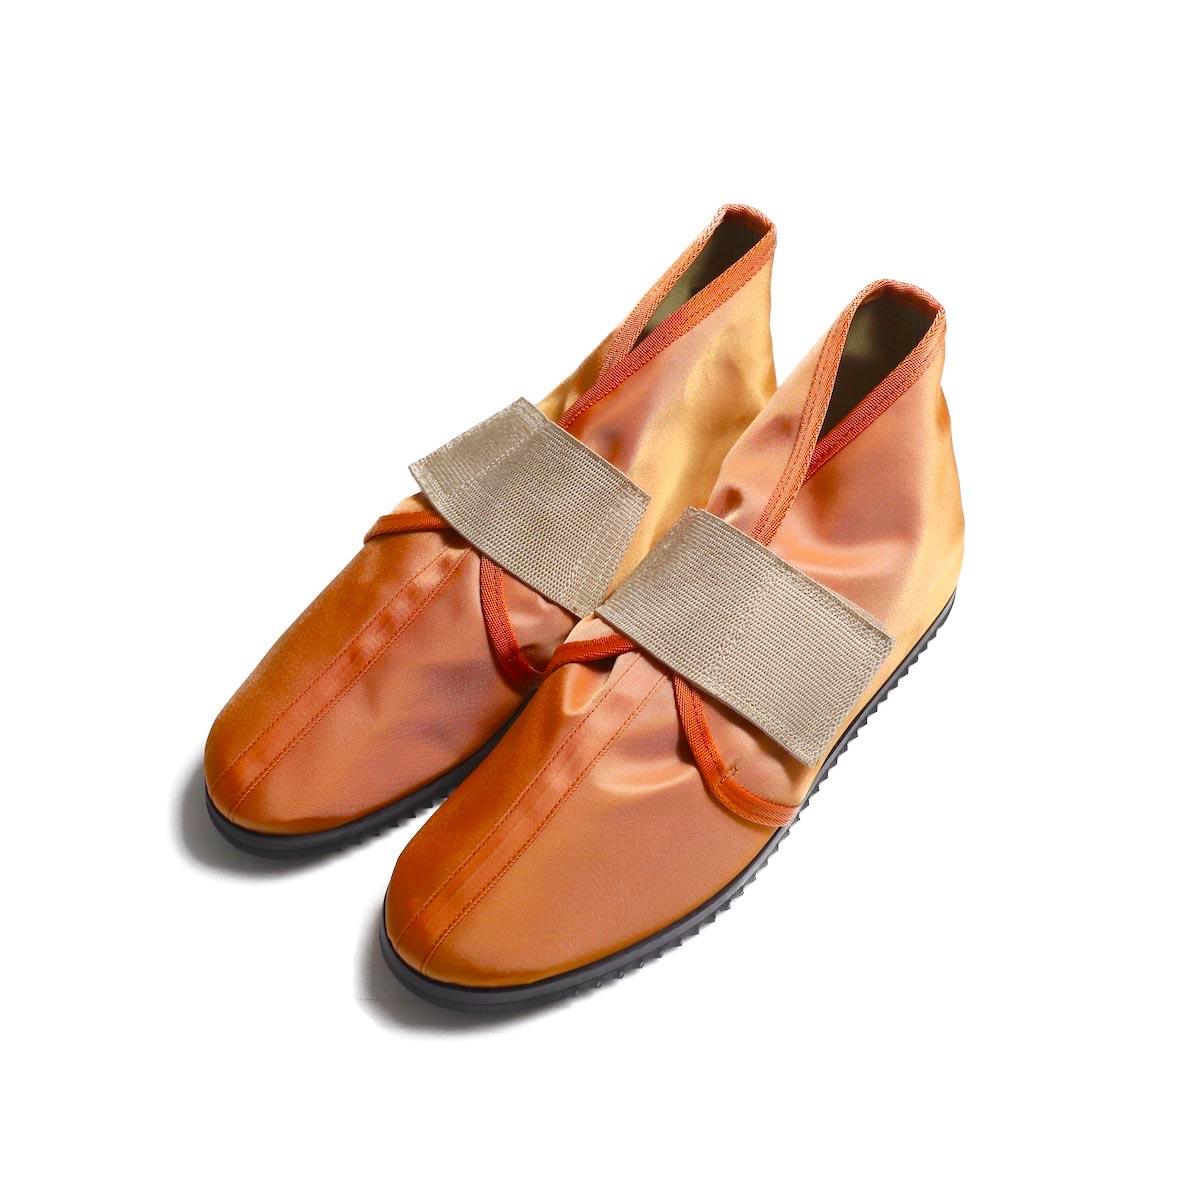 FUMIKA UCHIDA / Nylon Velcro Shoes -Orange